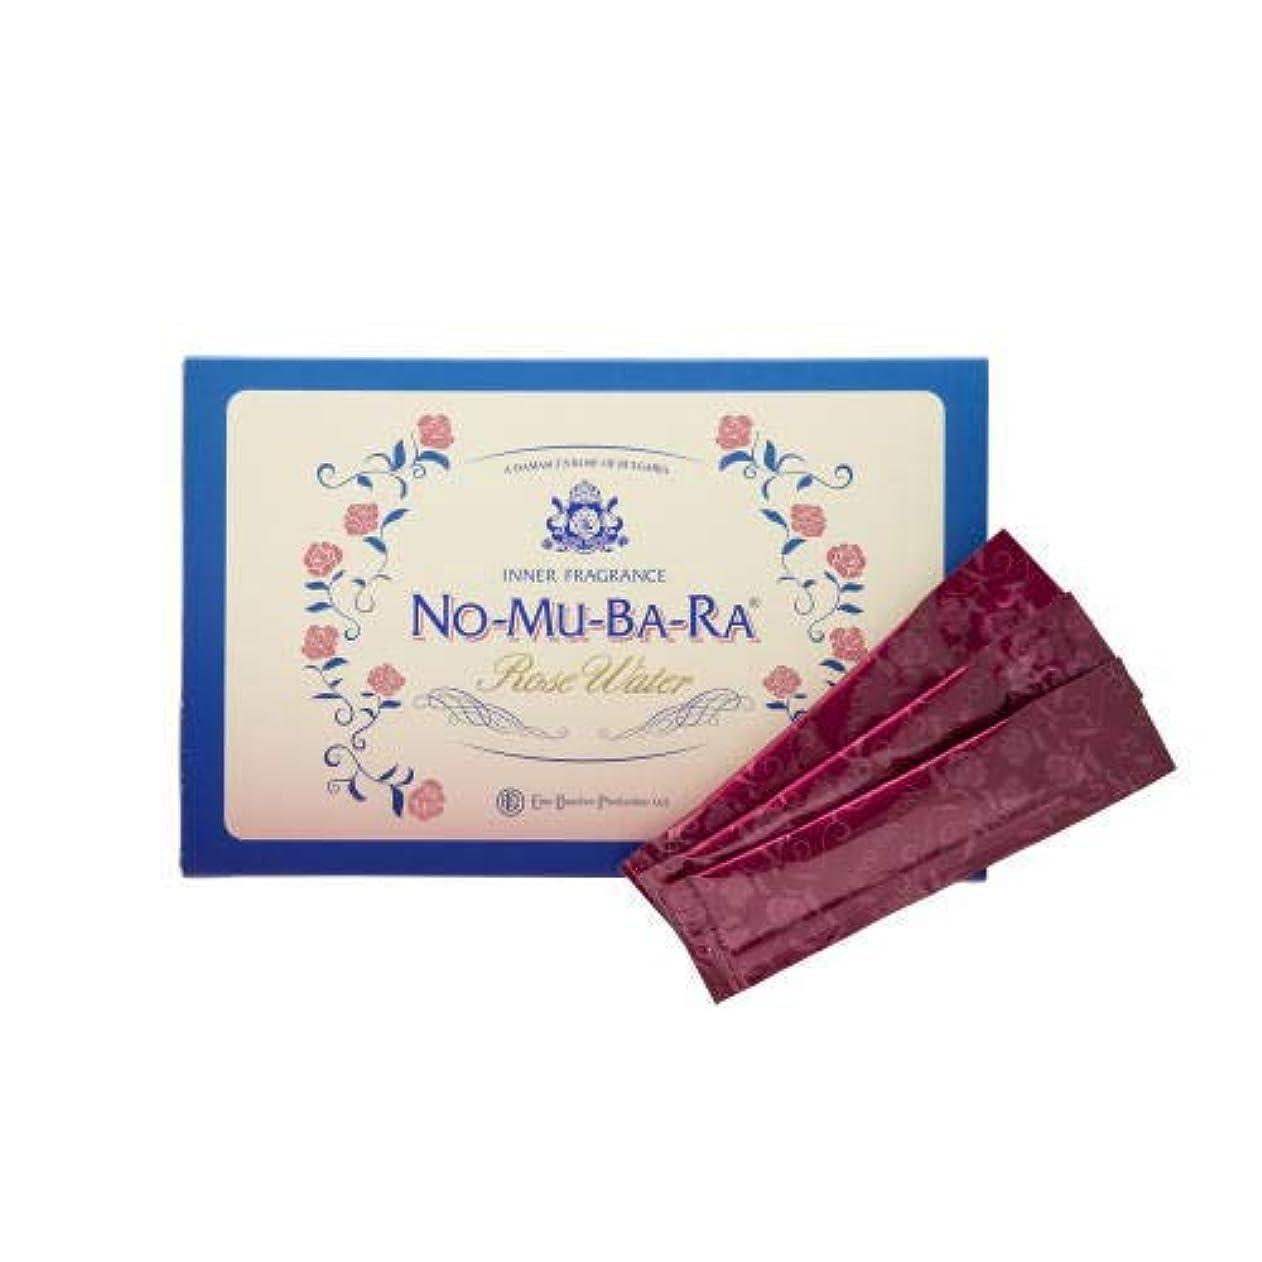 ソブリケットチーフ受け入れたNO-MU-BA-RA NO-MU-BA-RA(ノムバラ)(35包入)×2箱【モンドセレクション受賞】